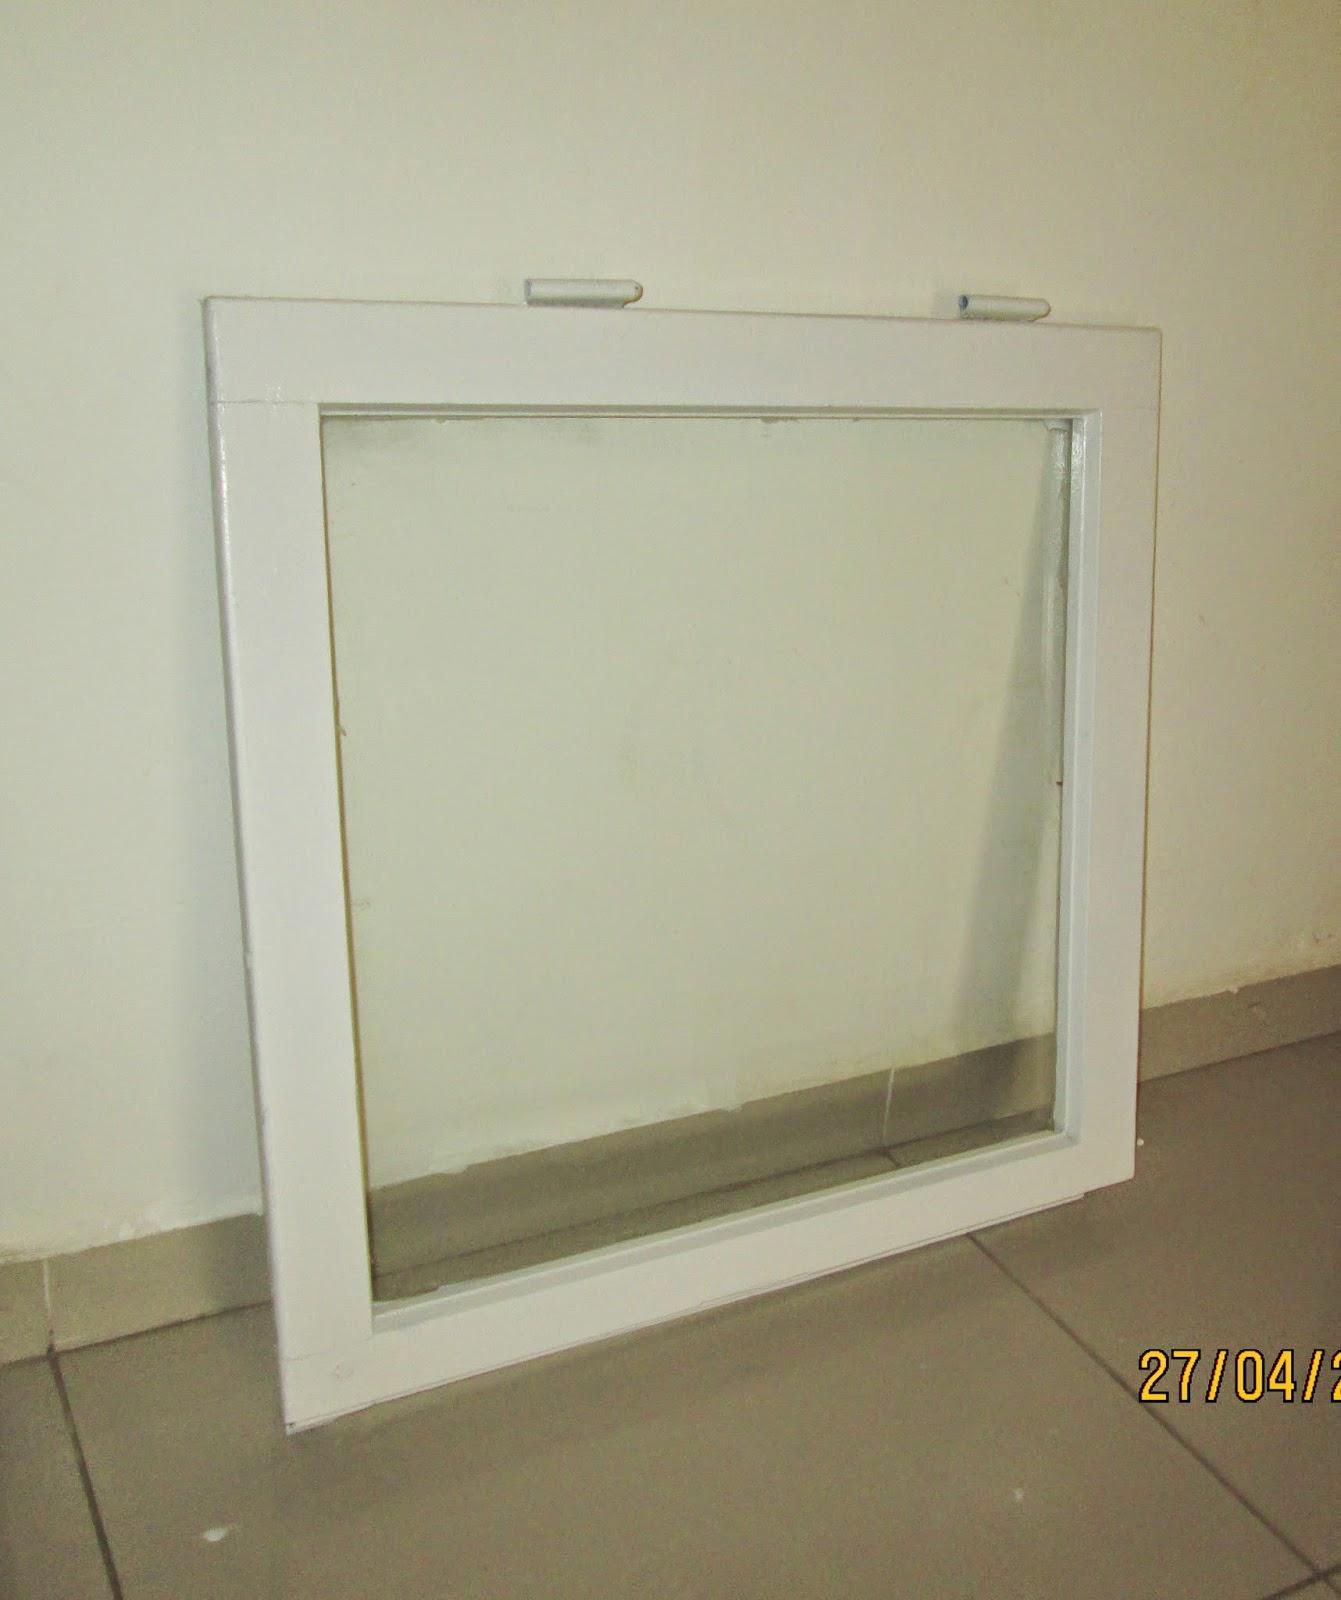 IMG 0001 - מה עושים עם חלון ישן?